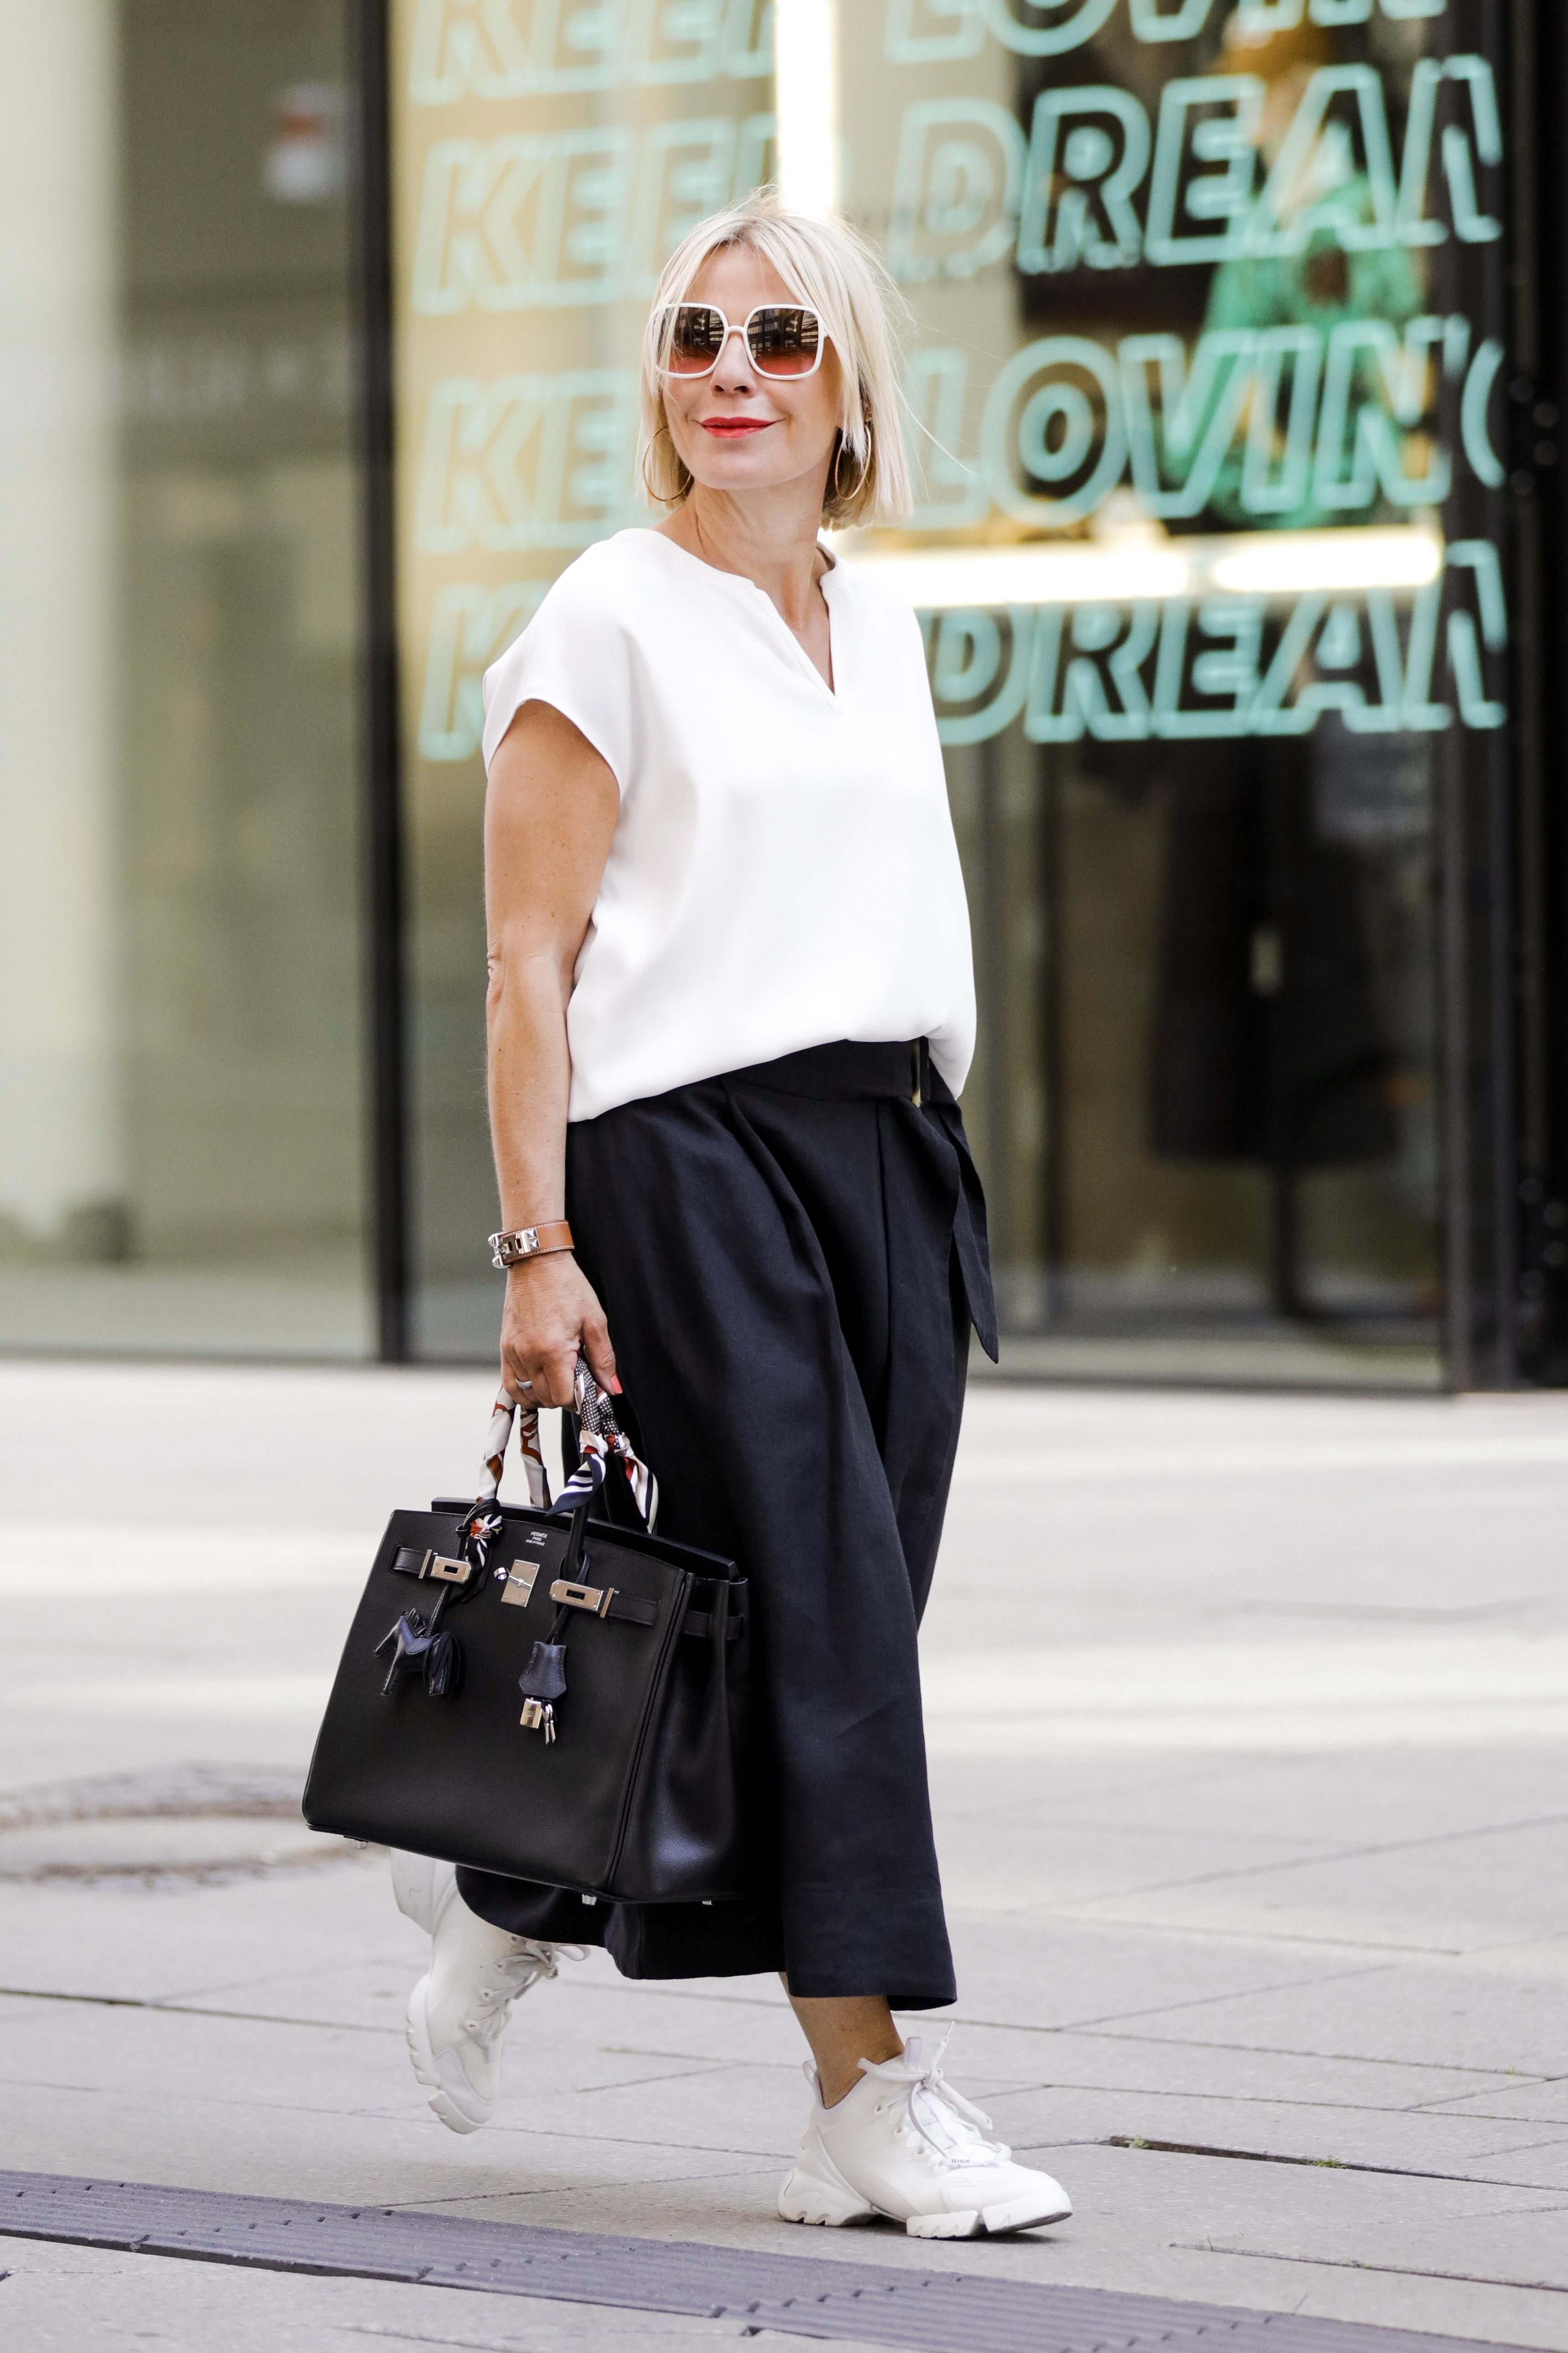 Ath-flow, a tendência que deve pautar o guarda-roupa em 2020 (Foto: Getty)